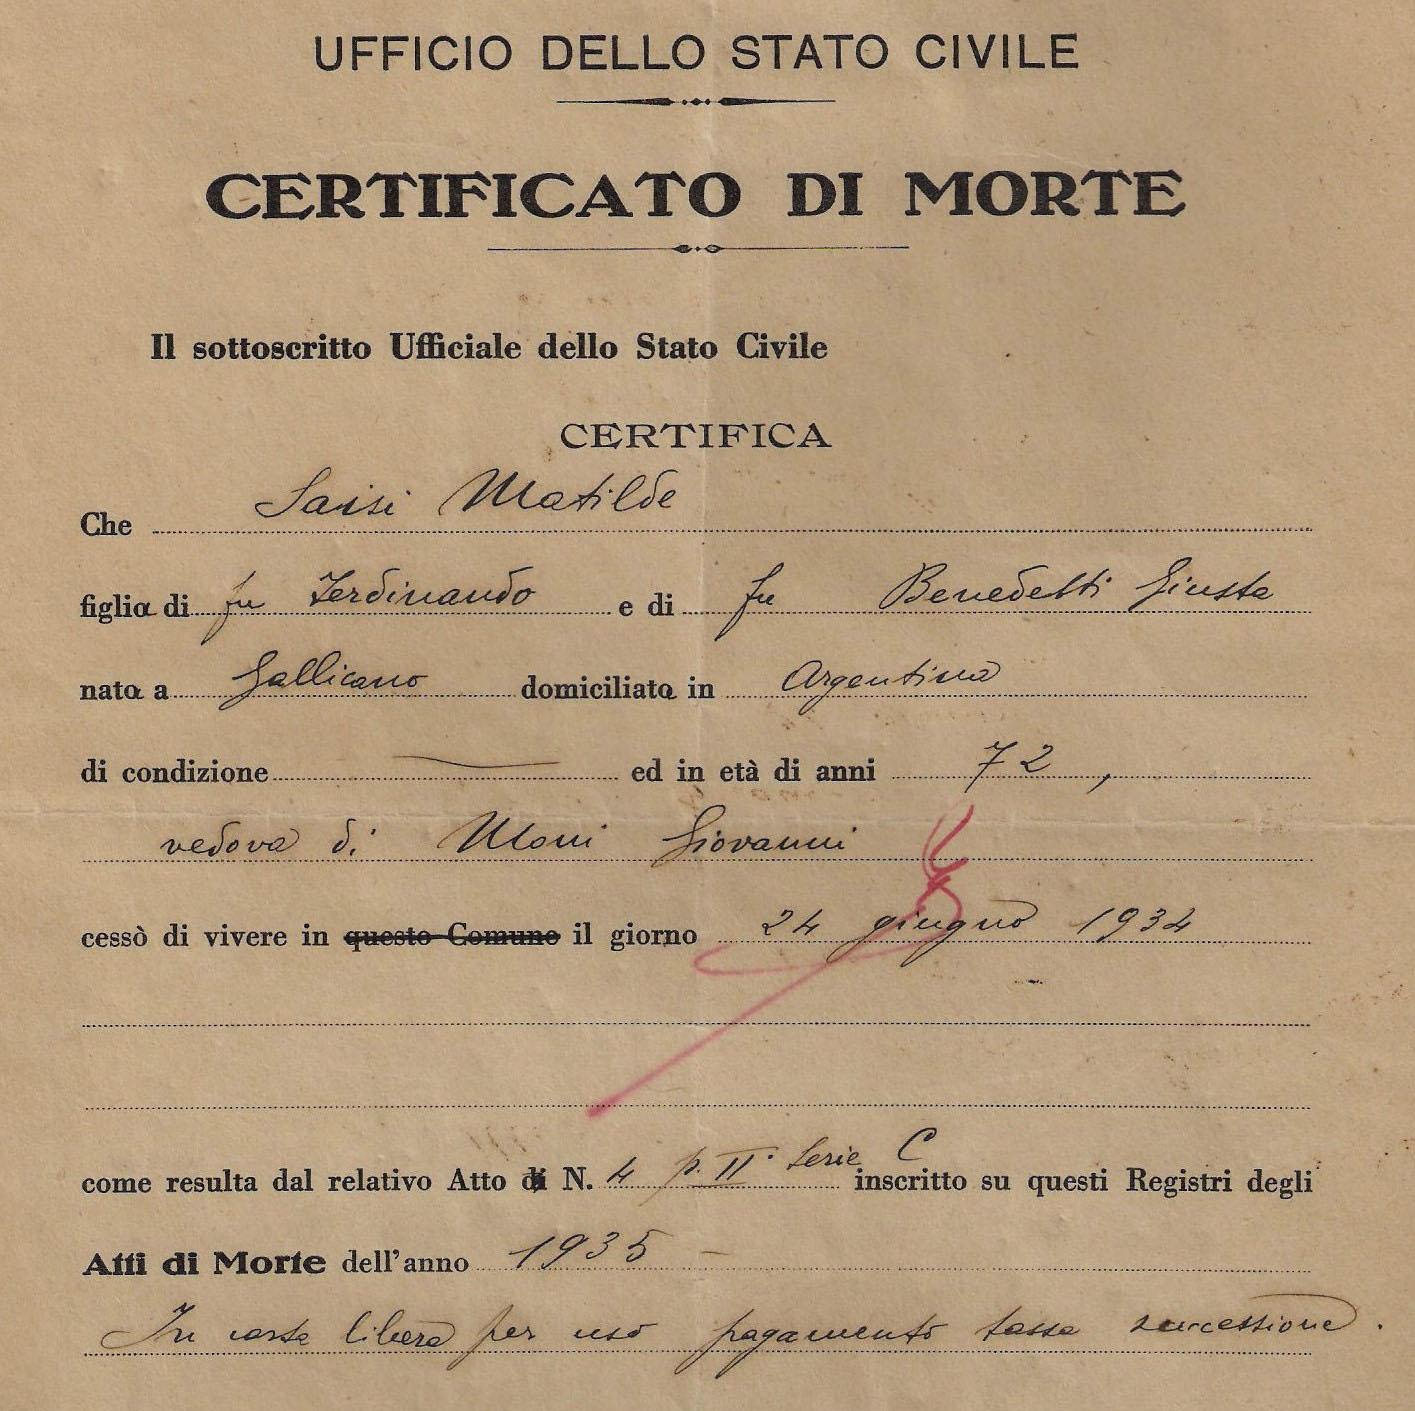 Dichiarazione sostitutiva certificato di morte, fac simile